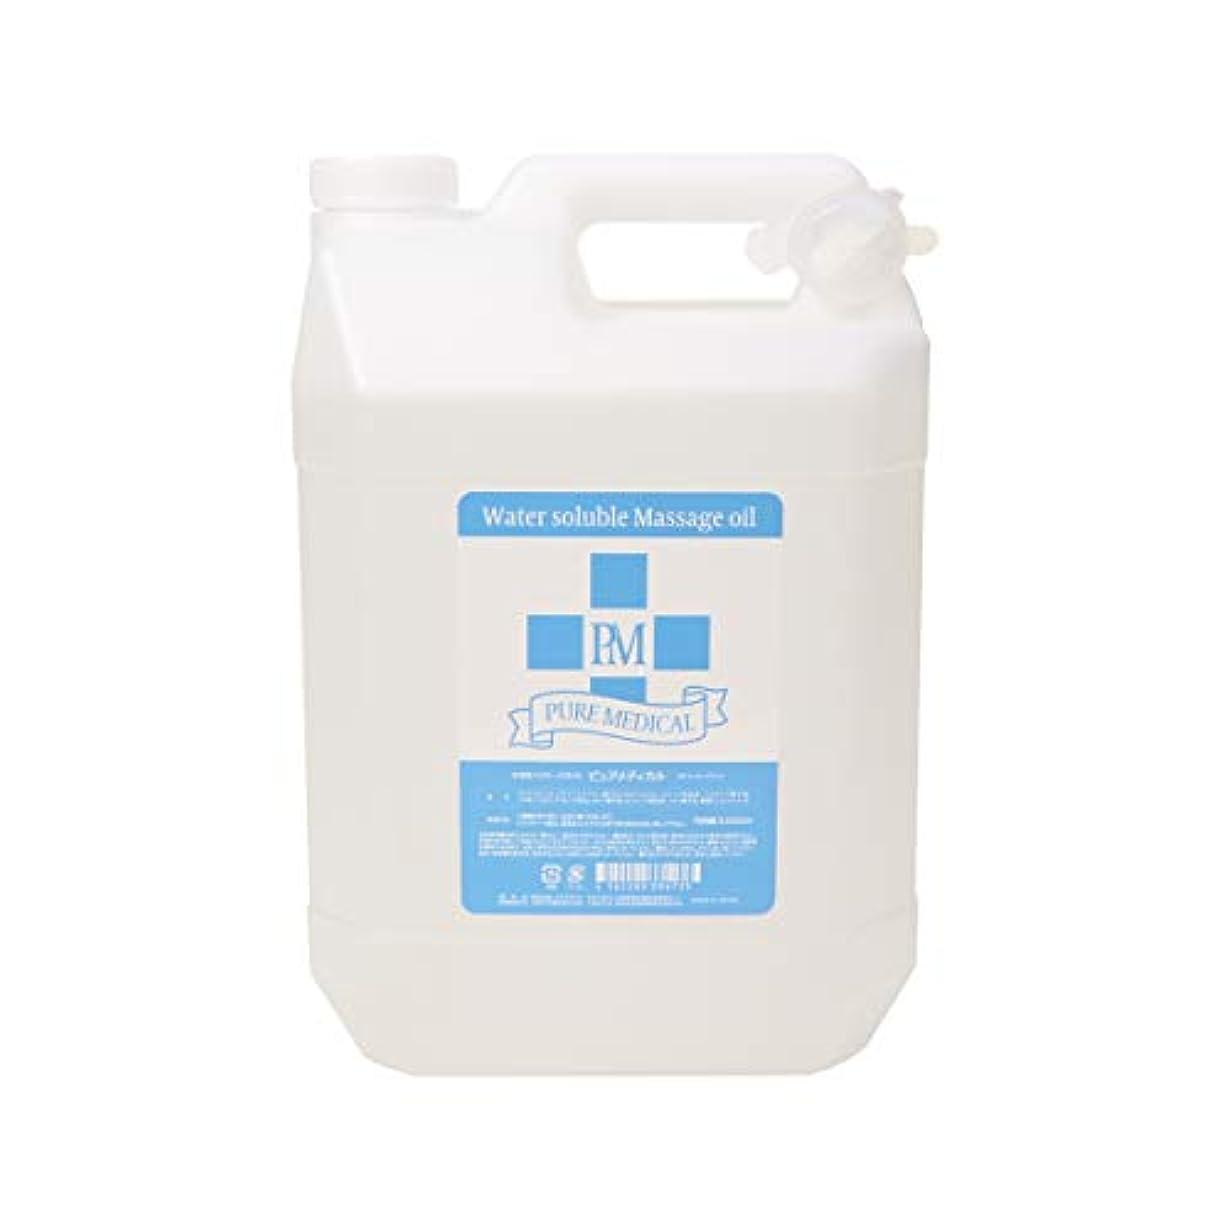 アッパーステートメント気体のPURE MEDICAL(ピュアメディカル) 水溶性マッサージオイル 5L マッサージオイル ボディオイル PM 無香料 日本製 業務用 ボディ用